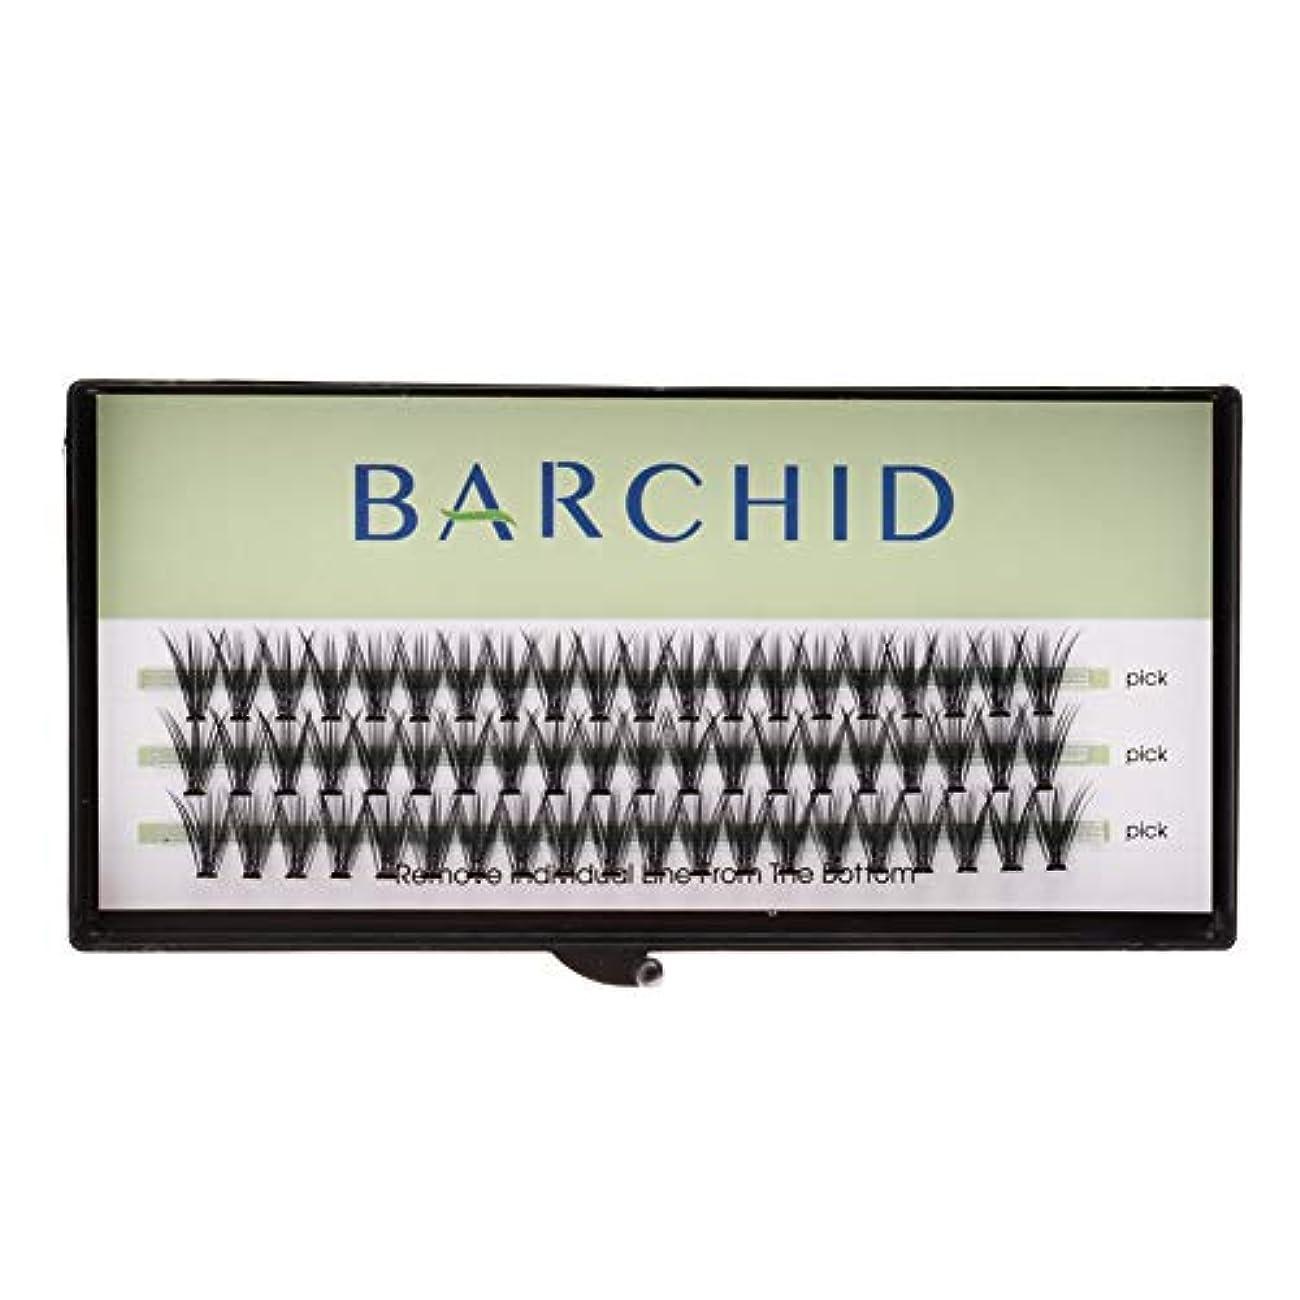 ハード世論調査可動式BARCHID 高品質超極細まつげエクステ太さ0.07mm 20本束10mm Cカール フレア セルフ用 素材 マツエク